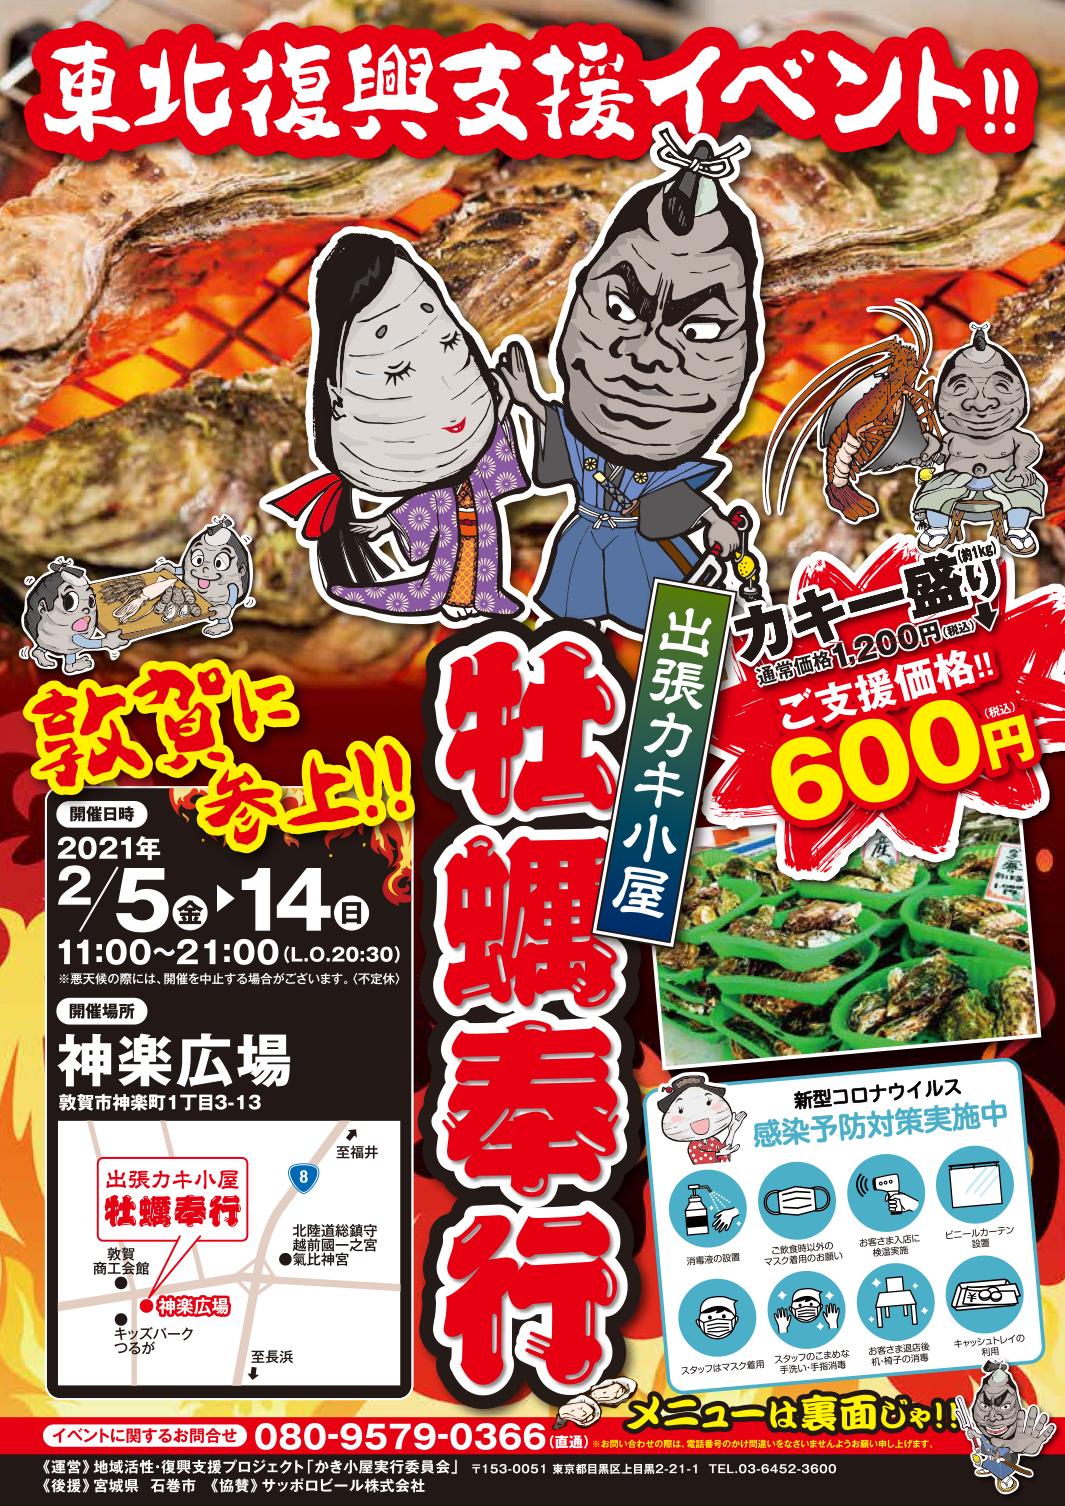 出張カキ小屋「牡蠣奉行」 in 神楽広場 チラシ表面